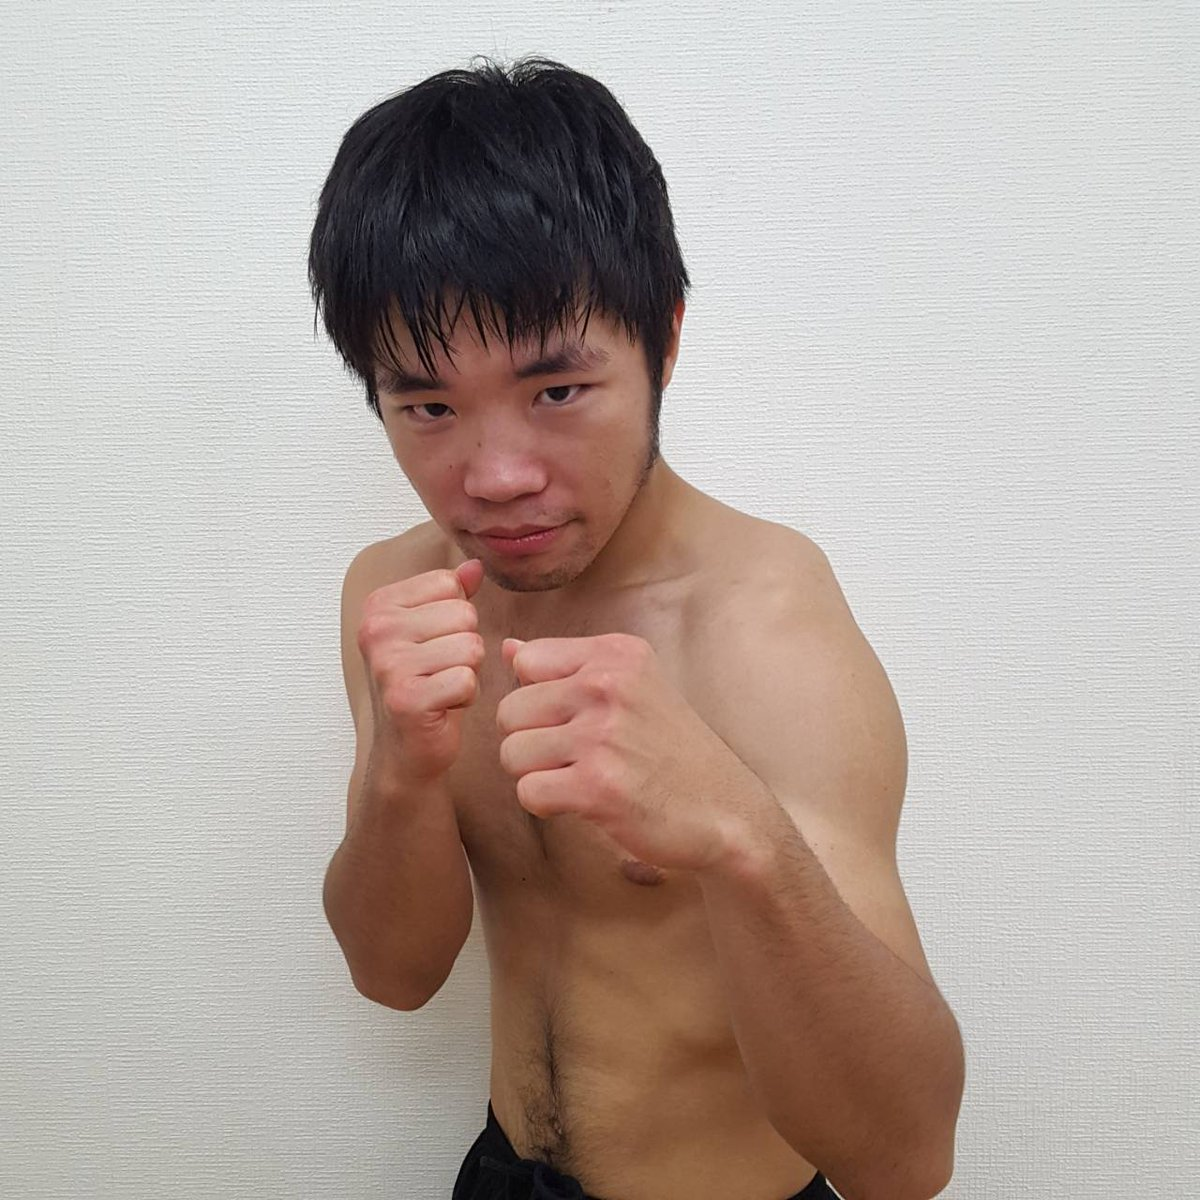 山田定幸の経歴や彼女や、いじめの原因は?試合動画や戦績も気になる!【U-29】